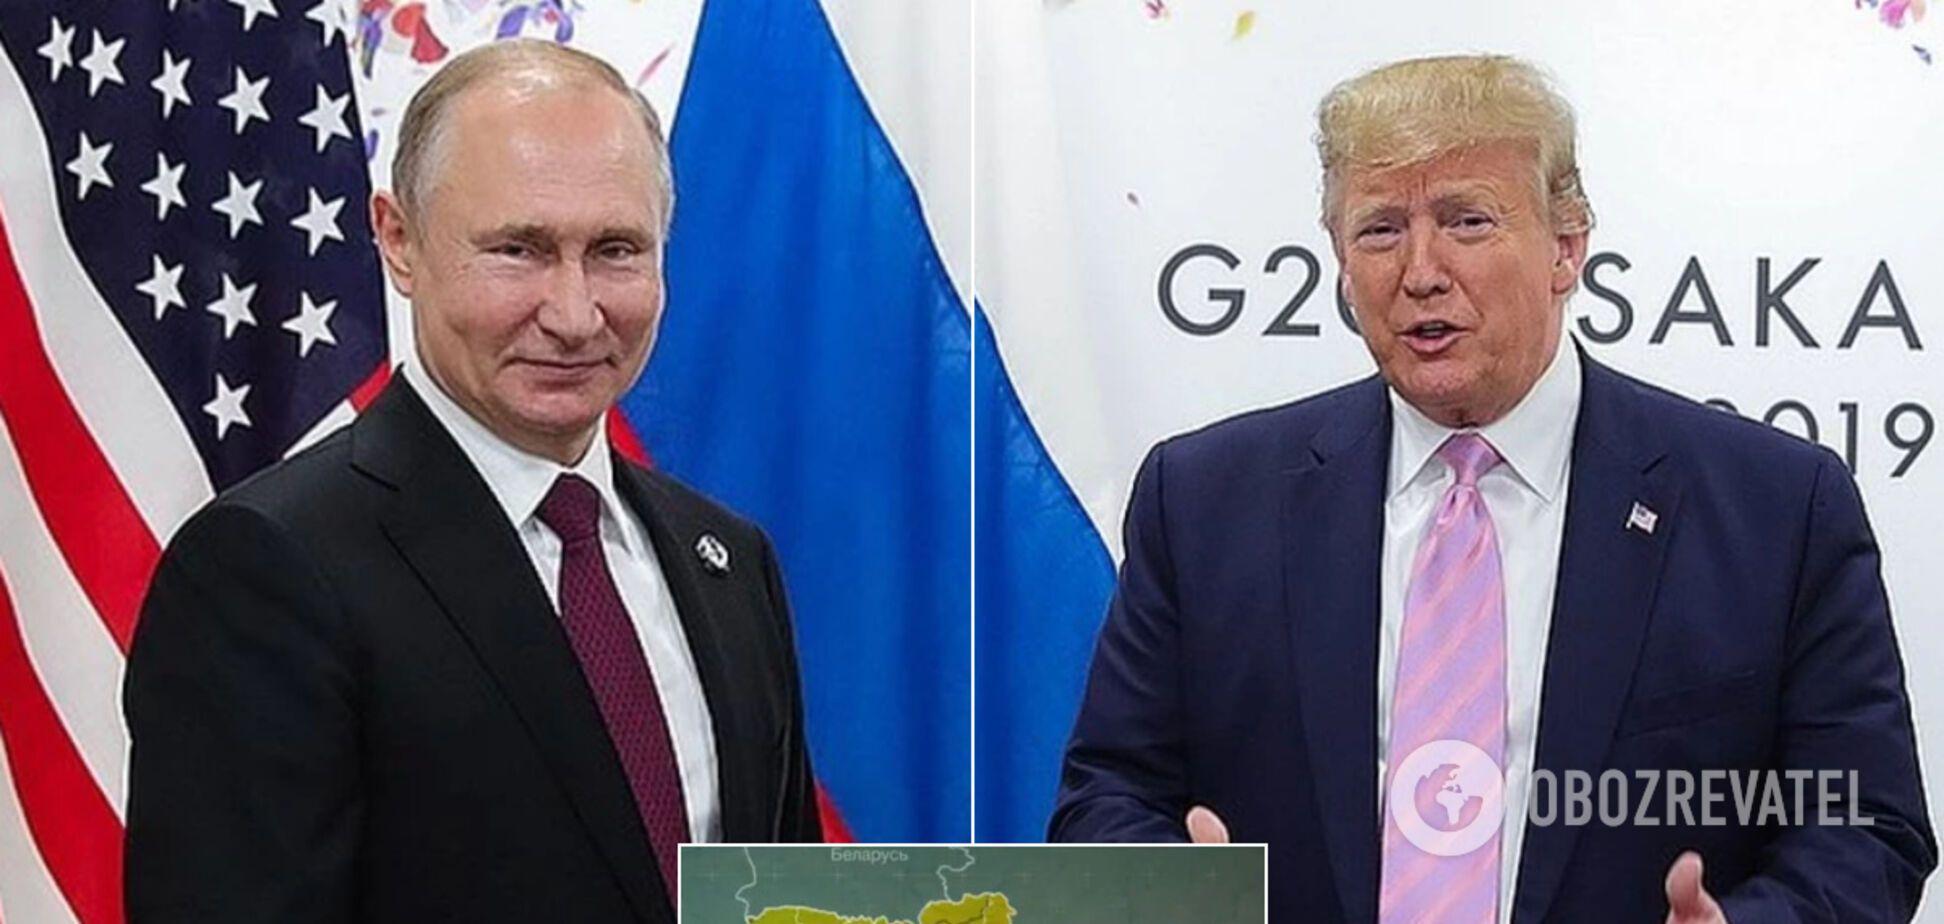 Трамп може здати Україну Путіну вже цього літа – однокурсник глави РФ